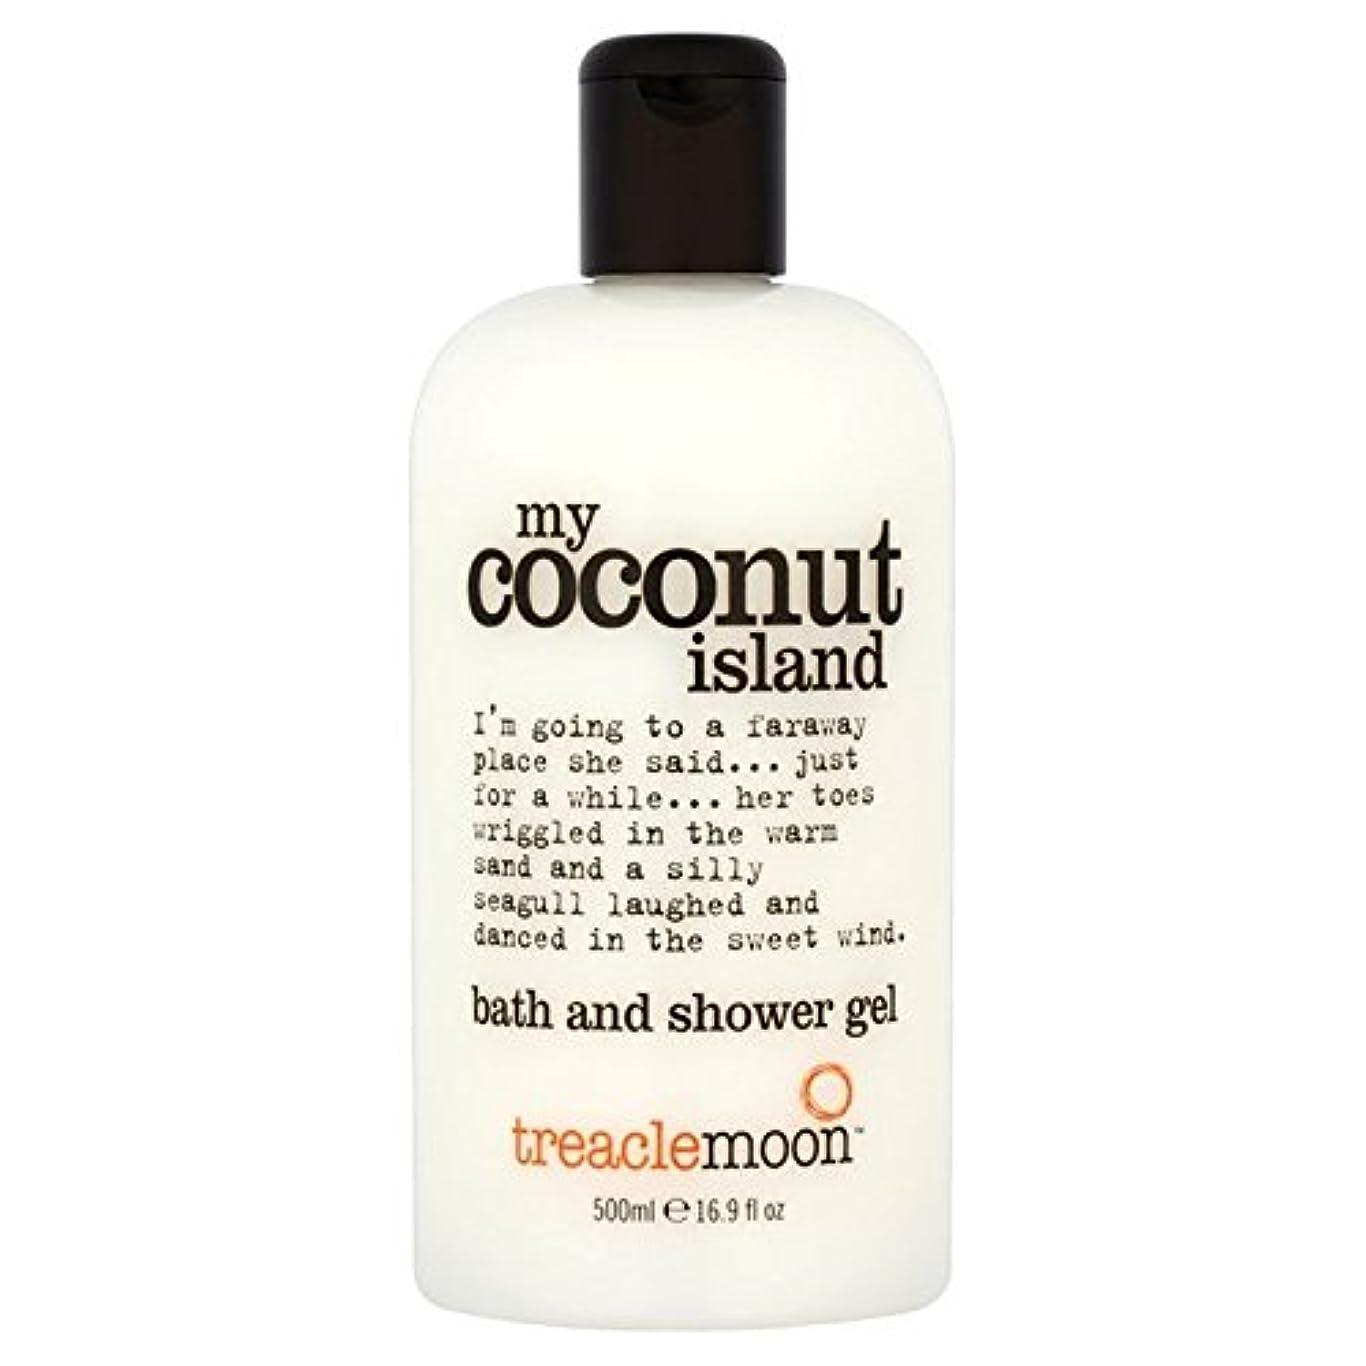 本辞任する食事を調理するTreacle Moon Coconut Island Bath & Shower Gel 500ml (Pack of 6) - 糖蜜月ココナッツ島のバス&シャワージェル500ミリリットル x6 [並行輸入品]